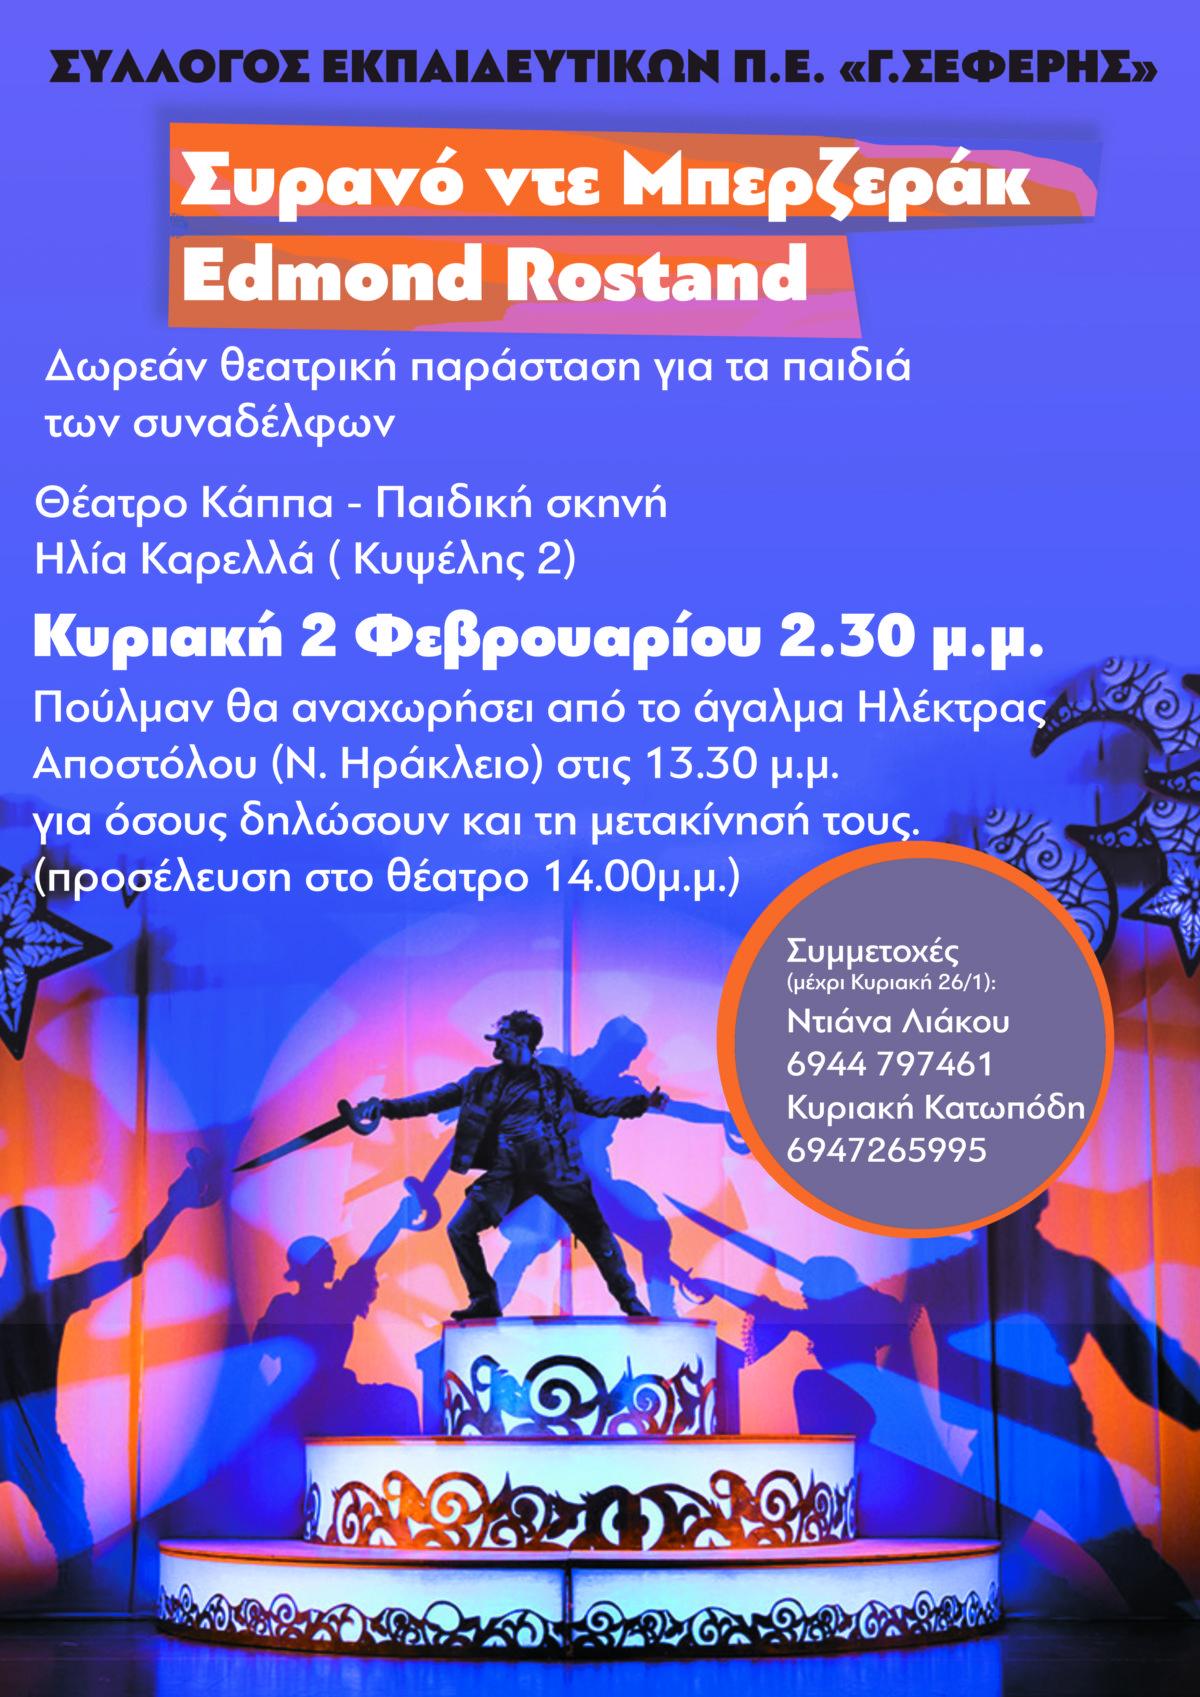 Πάμε θέατρο στην παιδική σκηνή του θεάτρου ΚΑΠΠΑ 2/2 14.30